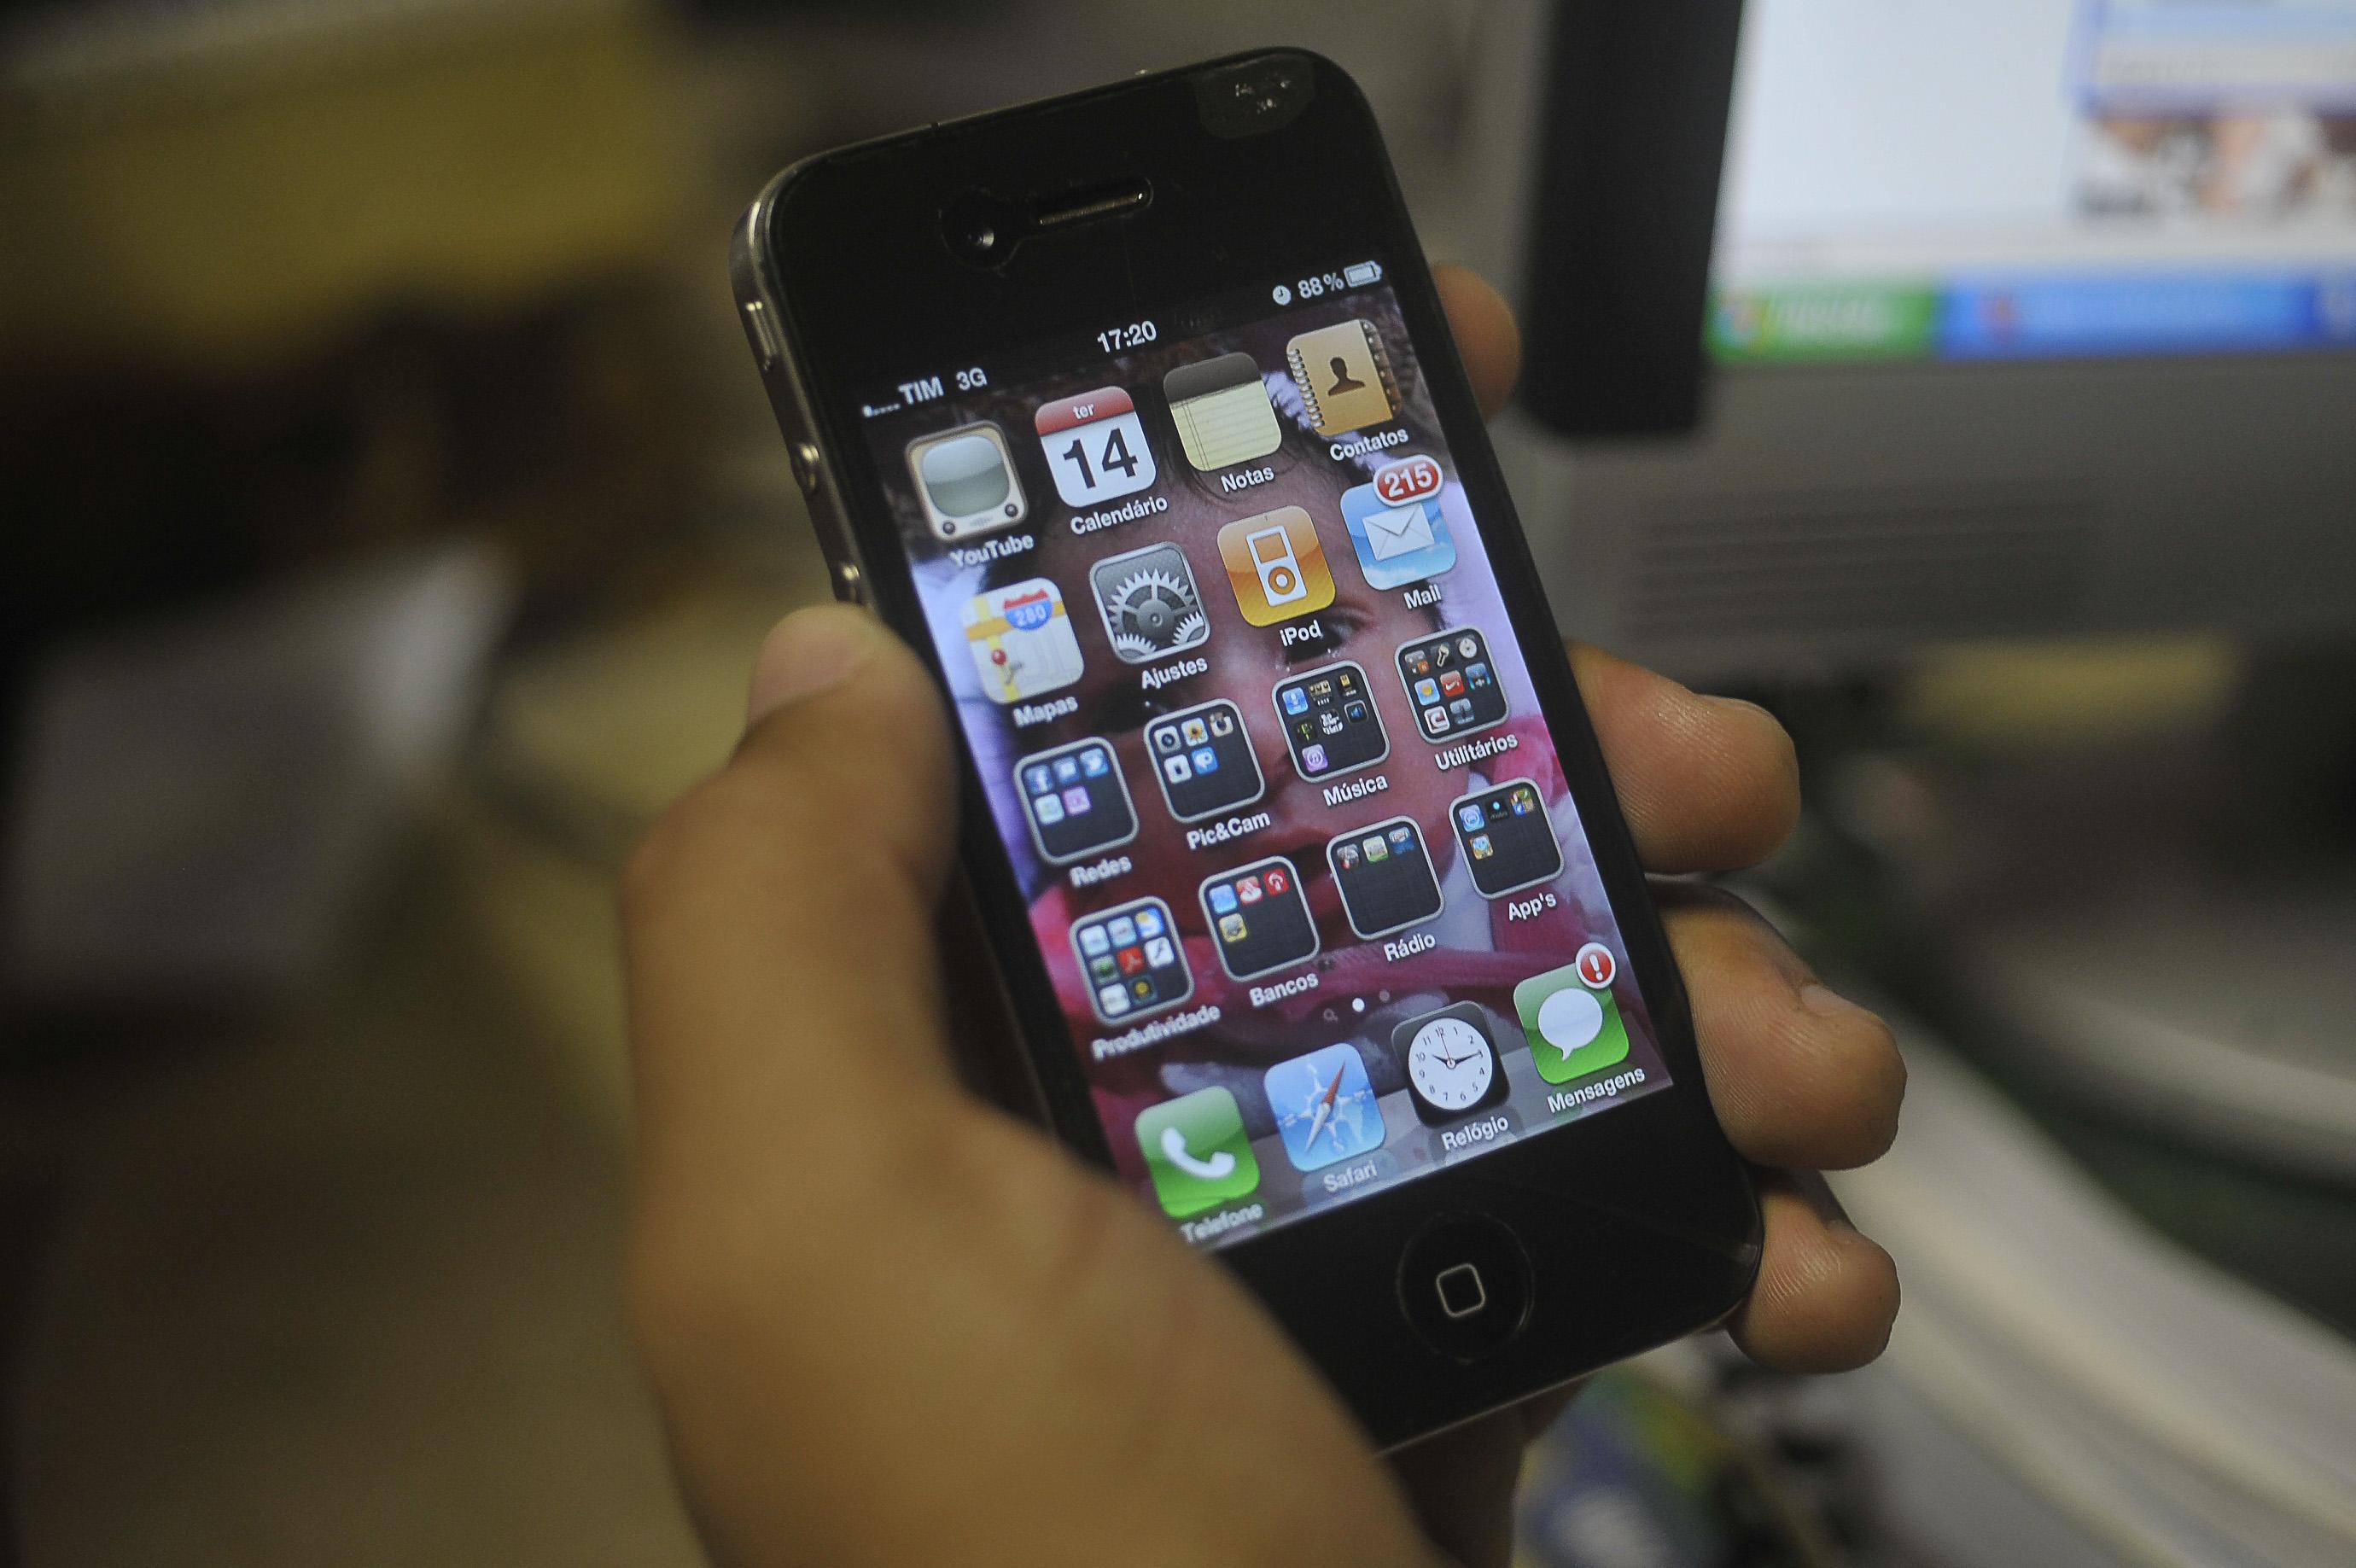 Comunicação - Telefonia - Aparelho celular - Smartphone